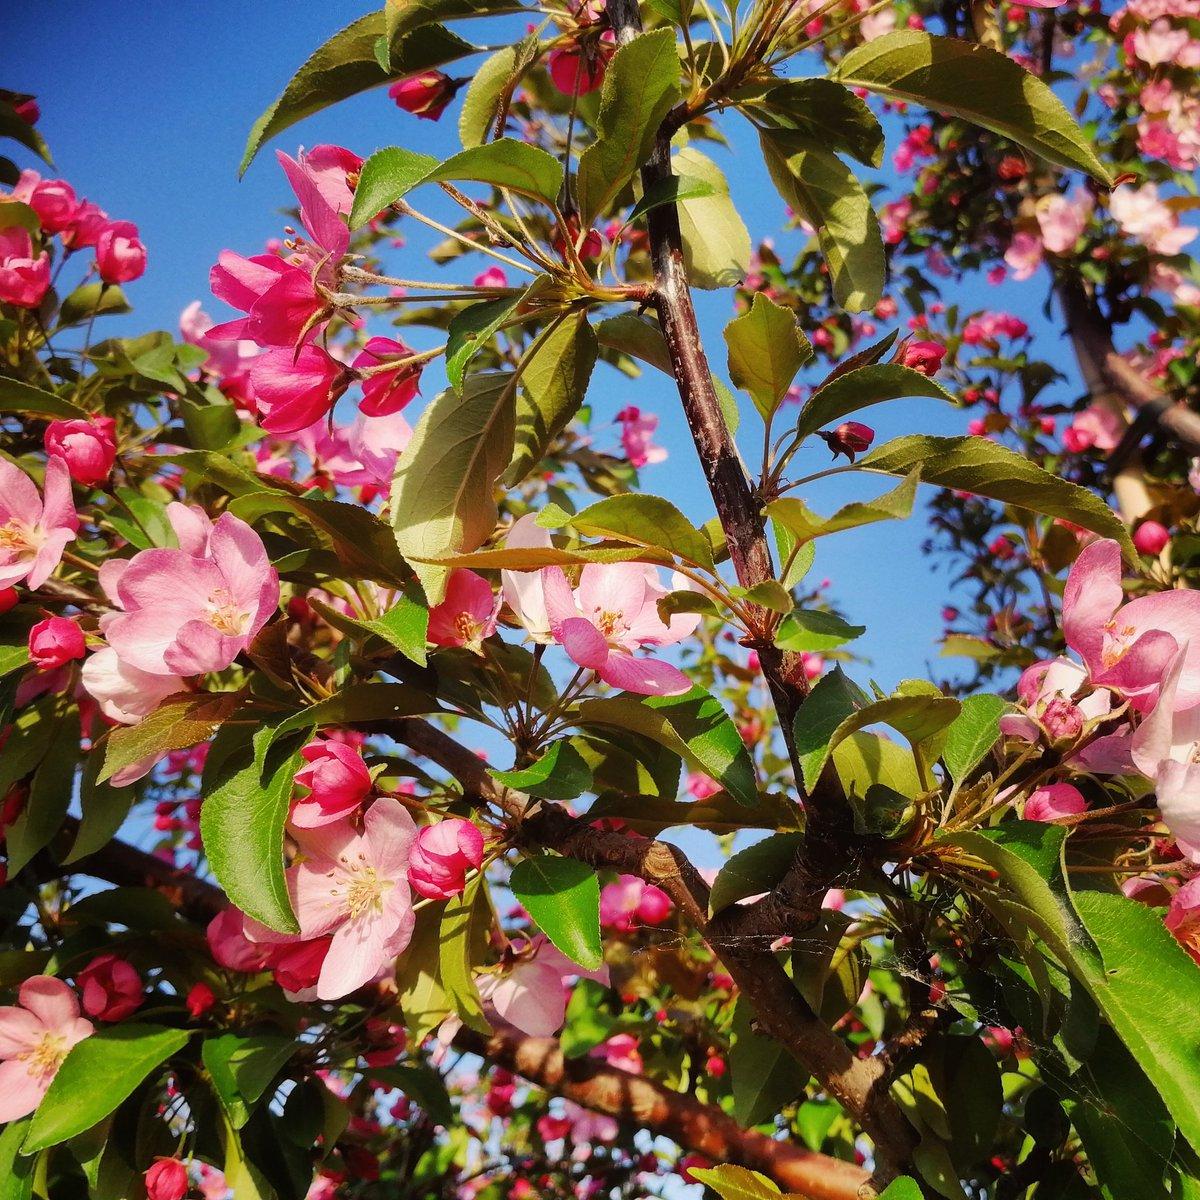 цветущие деревья в сочи фото психологии эту